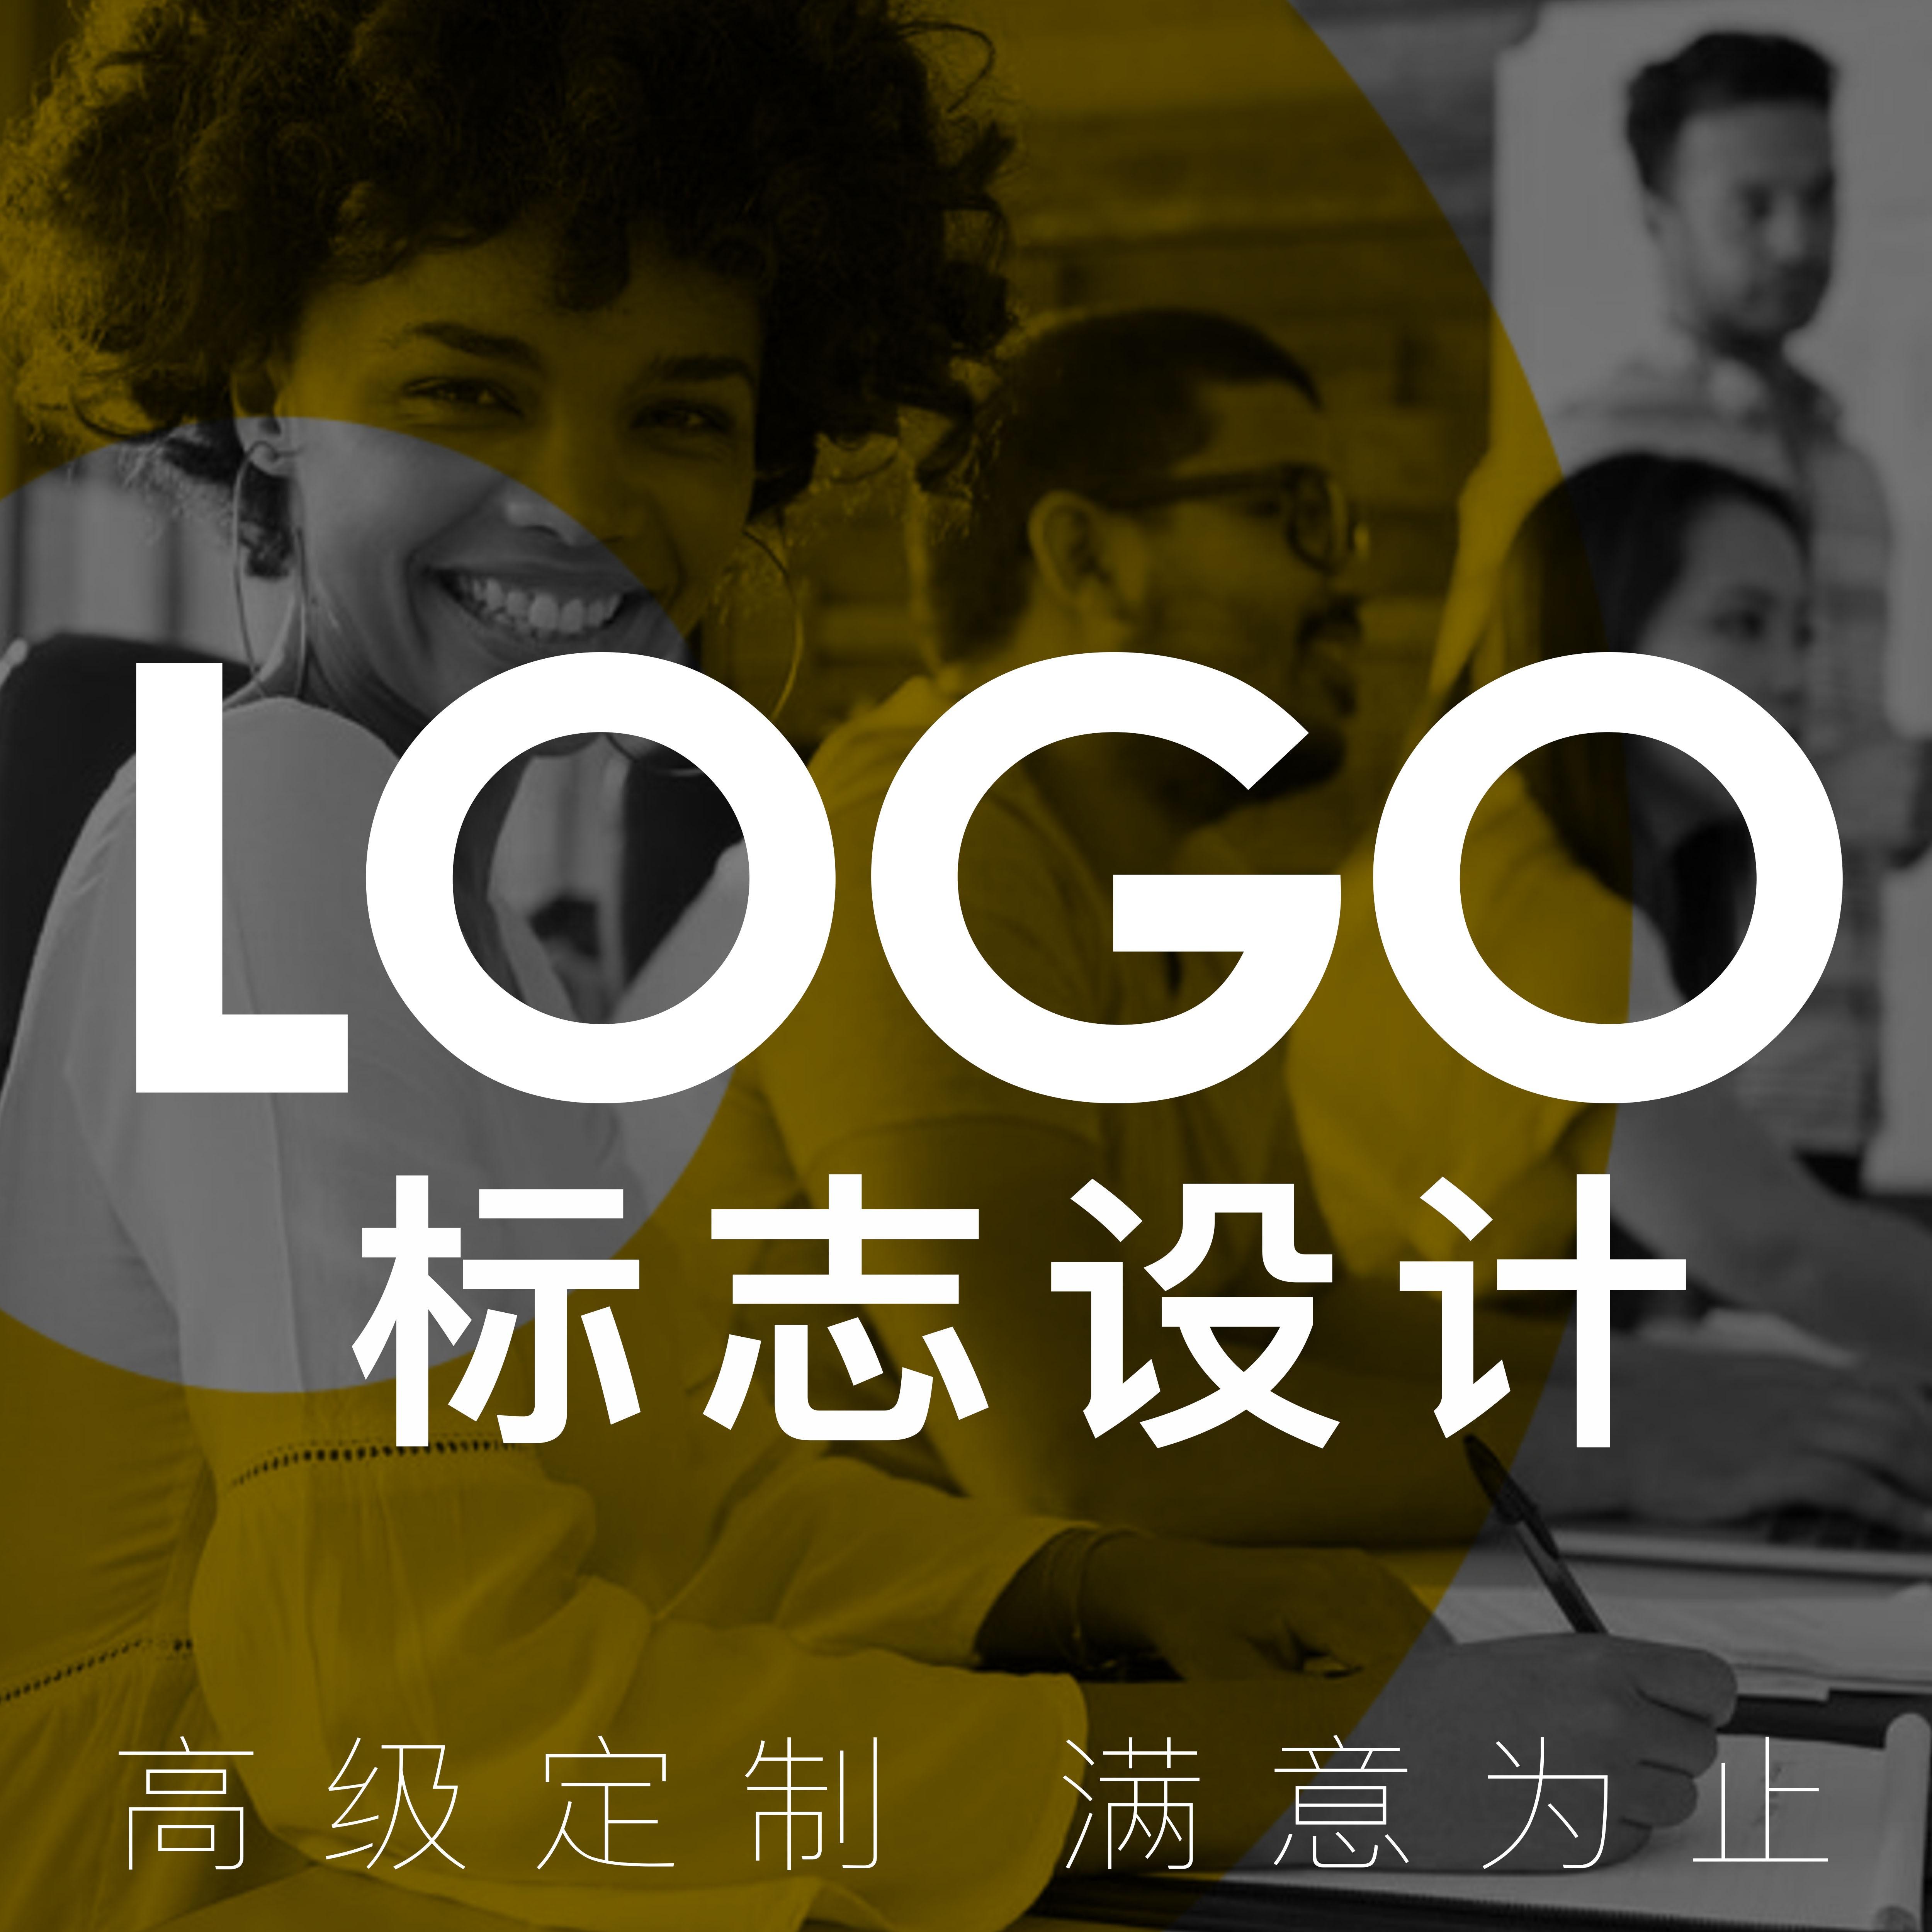 企业 LOGO /品牌/公共服务/网店/微店/门店 LOGO 设计